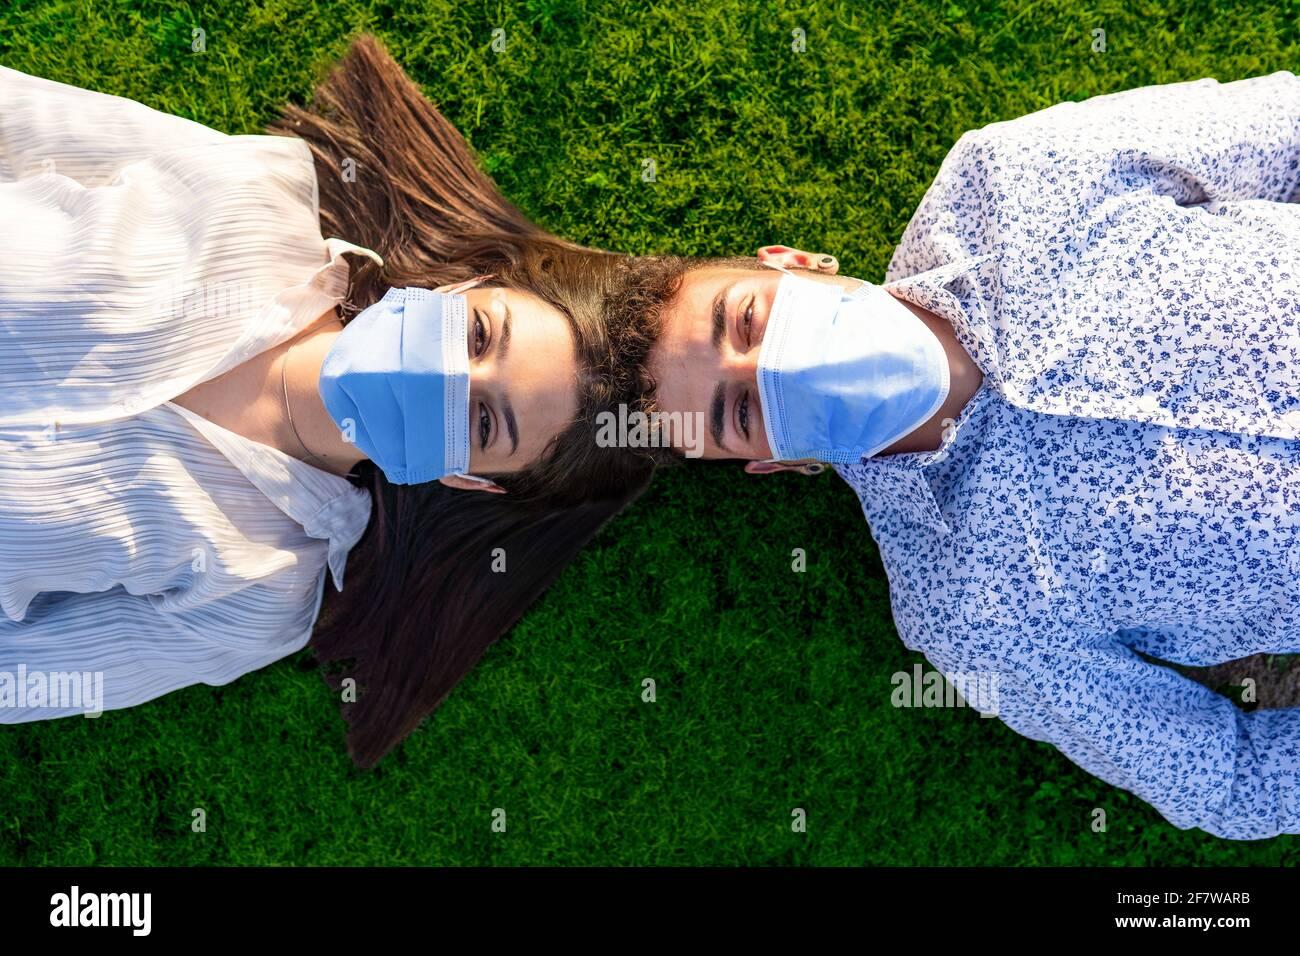 Hermosa pareja de jóvenes estudiantes acostados de cabeza a cabeza está detrás del césped verde del parque de la ciudad con vistas al cámara con la máscara protectora contra Foto de stock